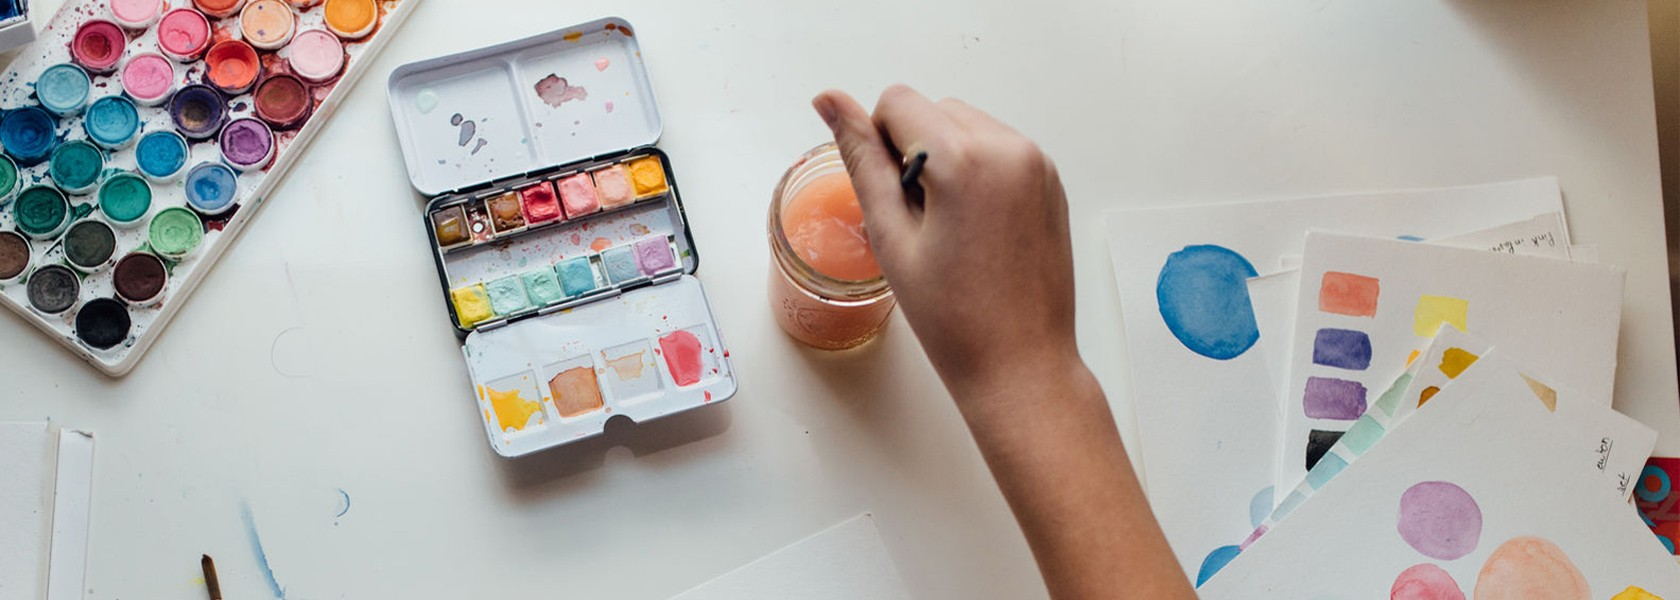 Frauenhände malen mit Wasserfarben